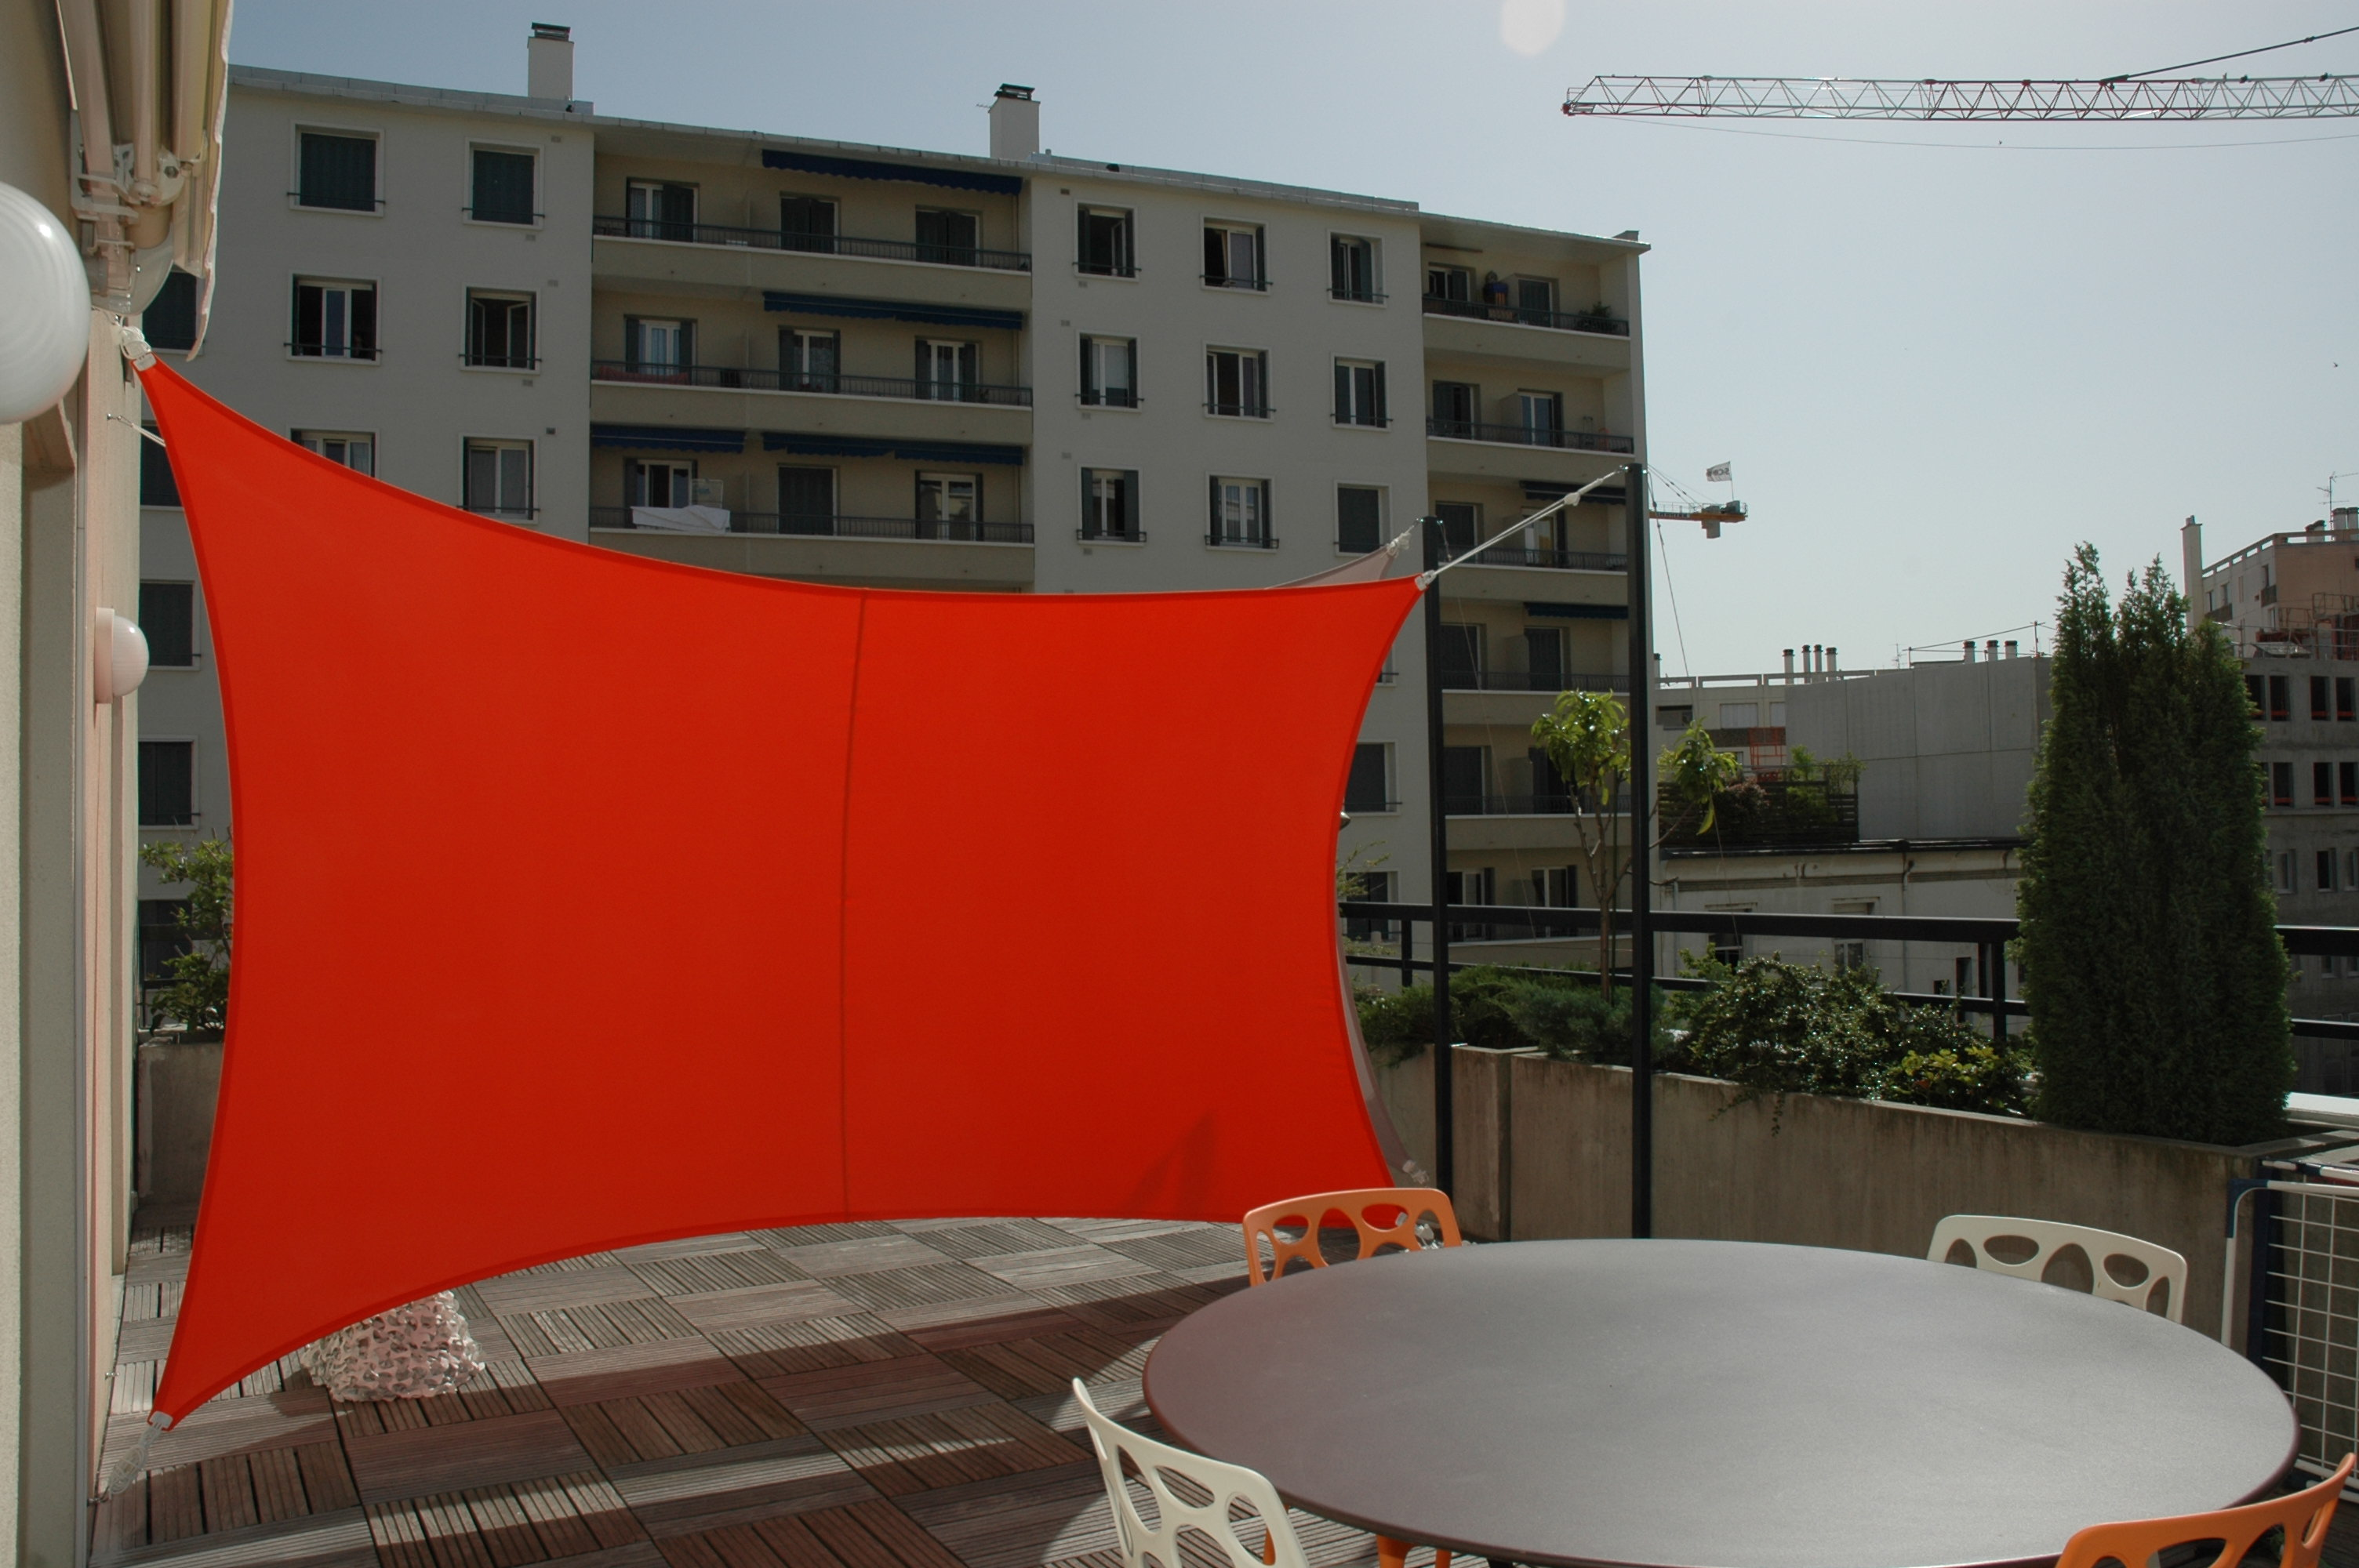 brise vue exonido en toile extensible pour abriter cette terrasse des nombreuux vis vis. Black Bedroom Furniture Sets. Home Design Ideas